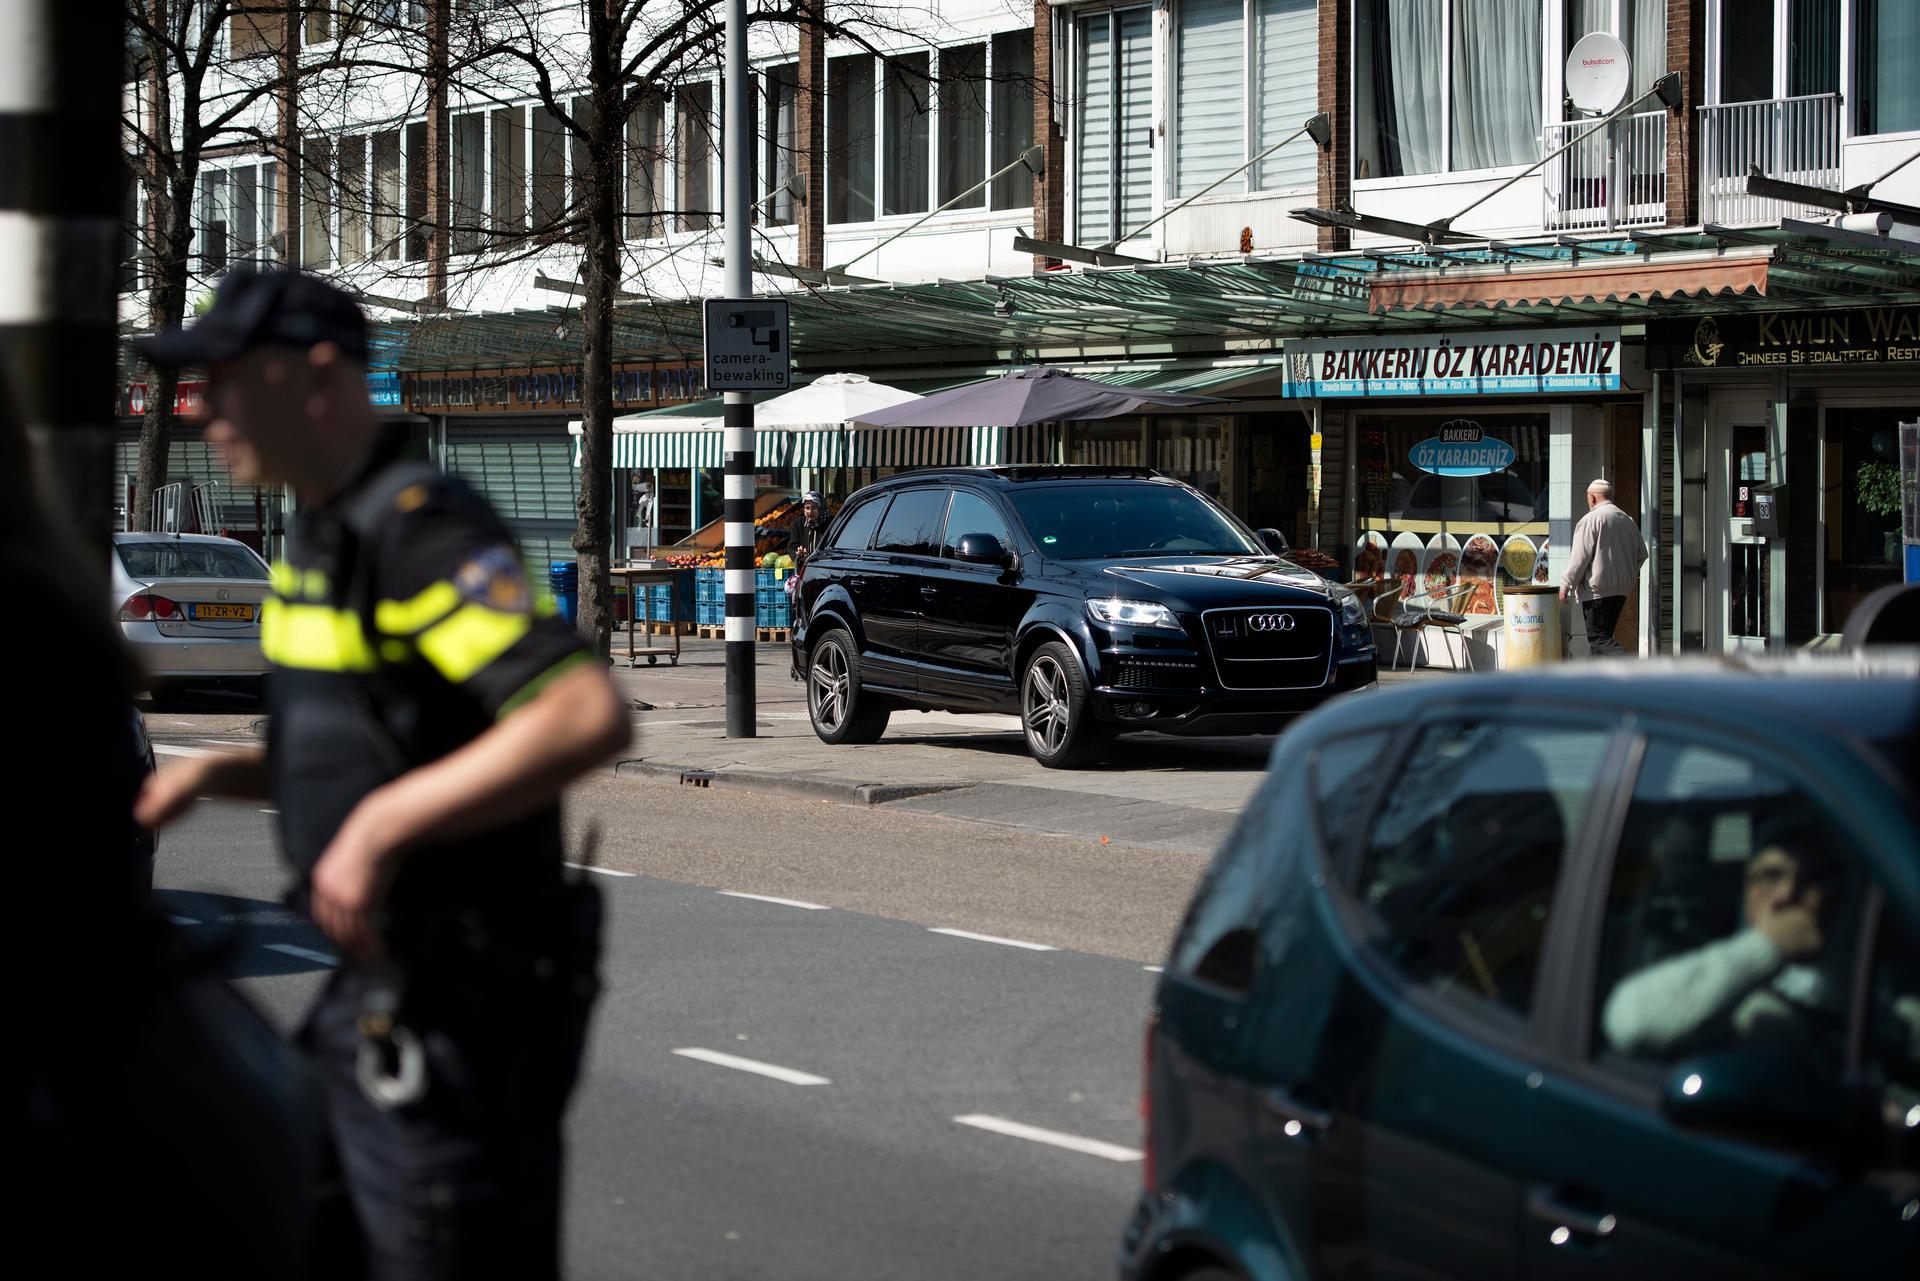 Regiobezoek Georganiseerde Criminaliteit: Amsterdam